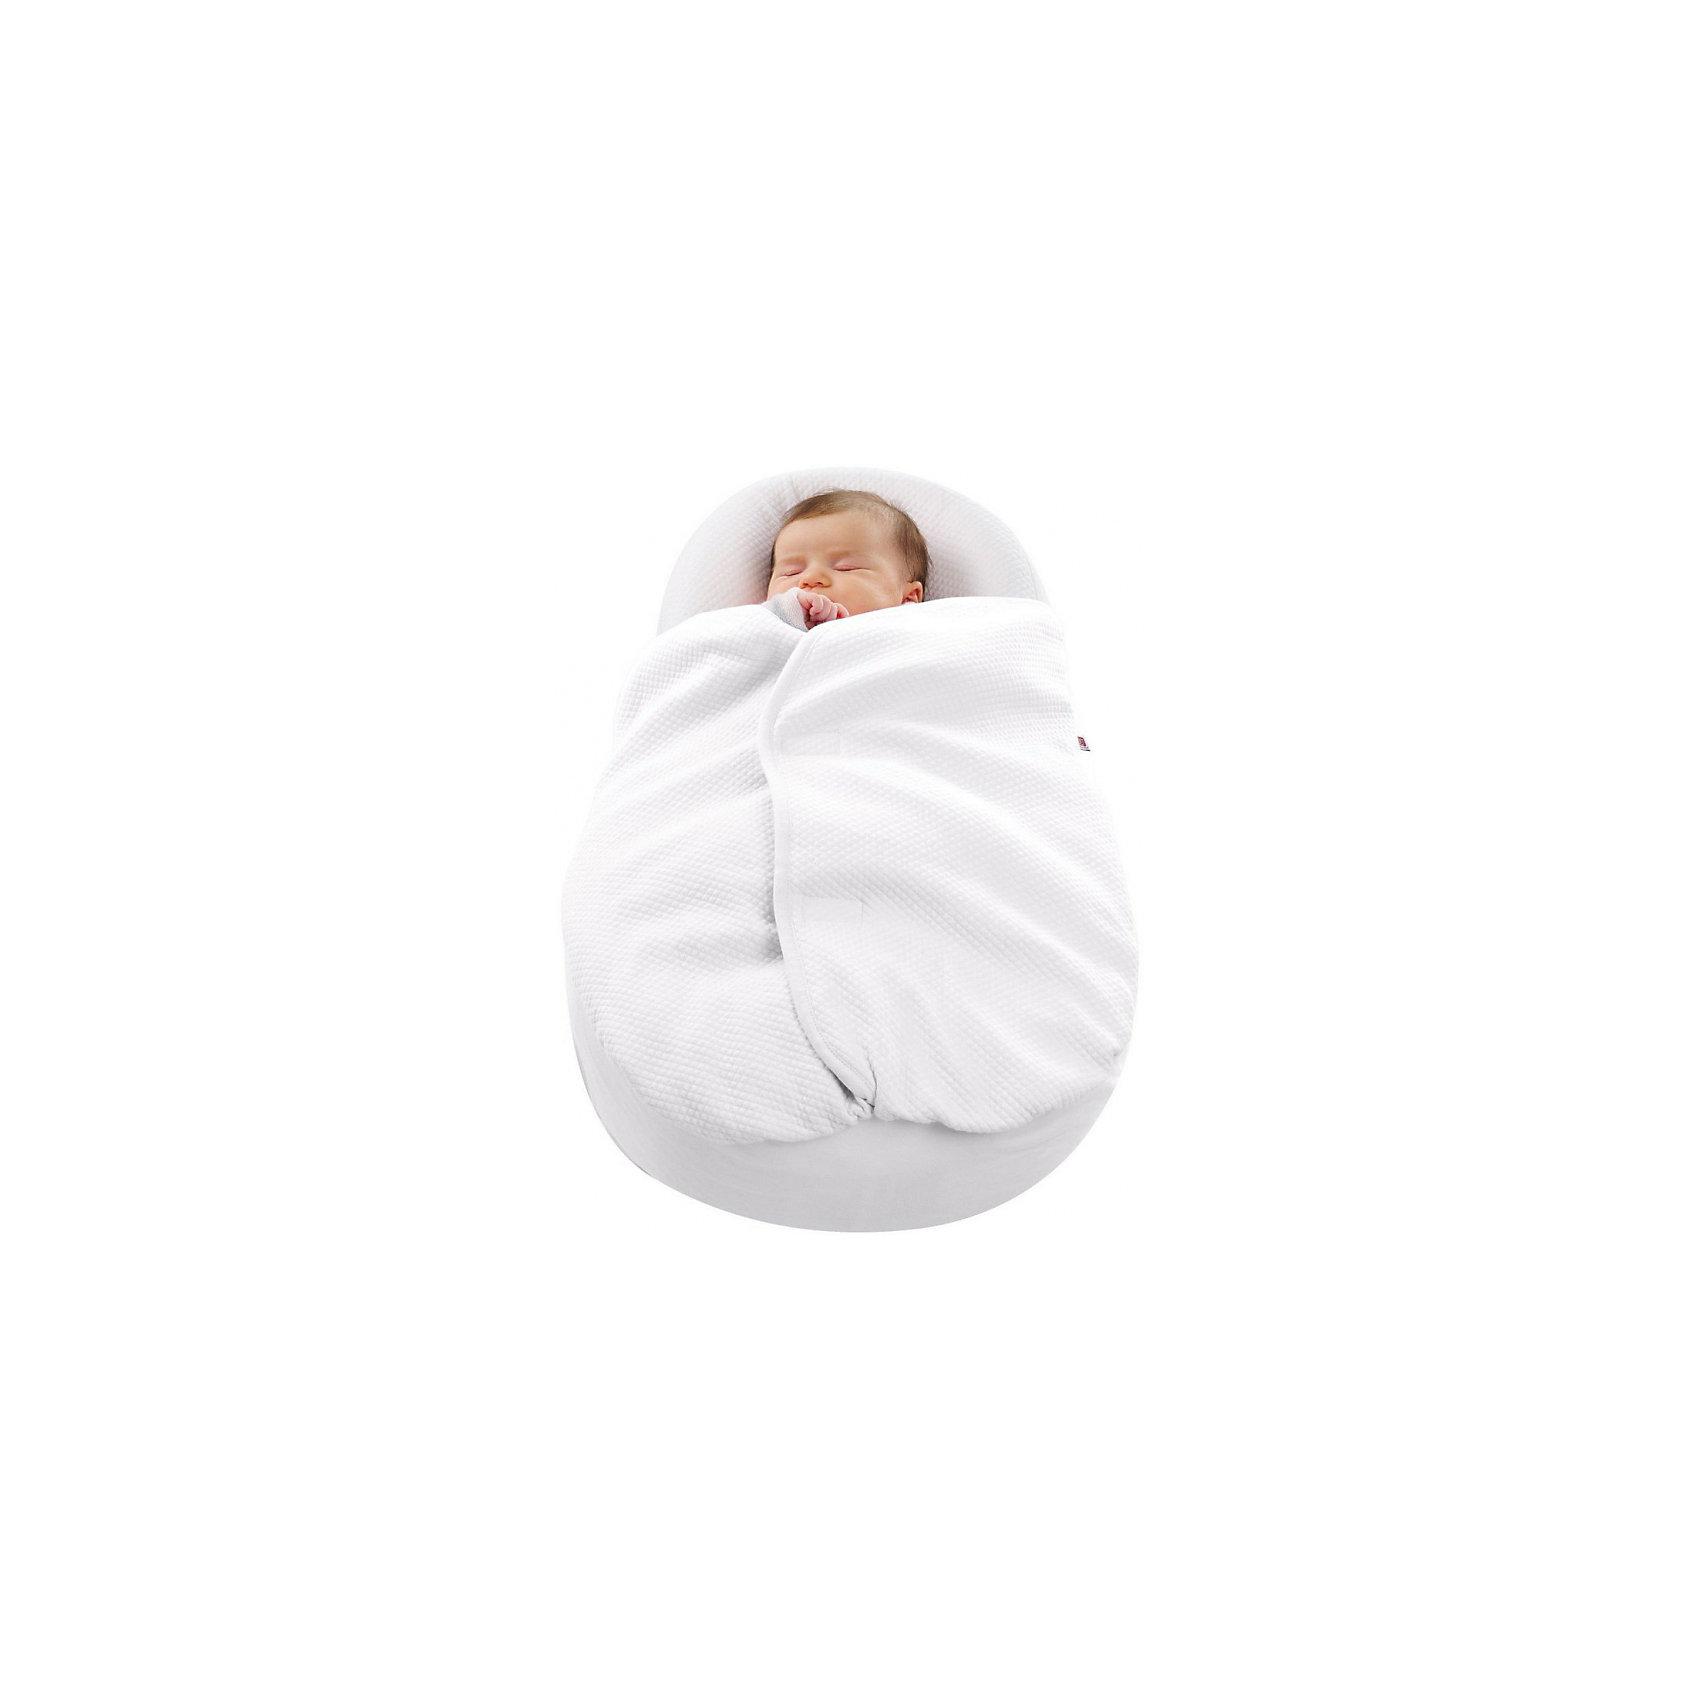 Одеяло для Cocoonababy®, Red Castle, белыйС первых дней жизни здоровье малыша напрямую зависит от полноценного и комфортного сна. Это одеяло разработано специально для малышей. Одеяло идеально подойдет для эргономического матрасика Cocoonababy S3. Оно изготовлено из натурального высококачественного фирменного хлопка Fleur de Coton, который приятен на ощупь и не вызывает аллергии. Он отлично впитывает влагу и так же быстро отдает ее окружающей среде, обладает прекрасными вентиляционными свойствами. <br>Одеяло легко закрепляется и снимается, что позволяет содержать детское спальное место в идеальной чистоте. Допускается стирать в стиральной машине. Материалы подобраны специально для малышей. Они безопасны для ребенка и соответствуют всем современным стандартам.<br><br>Дополнительная информация:<br><br>материал: хлопок, полиэстер;<br>цвет: белый;<br>длина - 550 см.<br><br>Одеяло для Cocoonababy® от компании Red Castle можно купить в нашем магазине.<br><br>Ширина мм: 51<br>Глубина мм: 150<br>Высота мм: 280<br>Вес г: 280<br>Возраст от месяцев: 0<br>Возраст до месяцев: 4<br>Пол: Унисекс<br>Возраст: Детский<br>SKU: 4731997